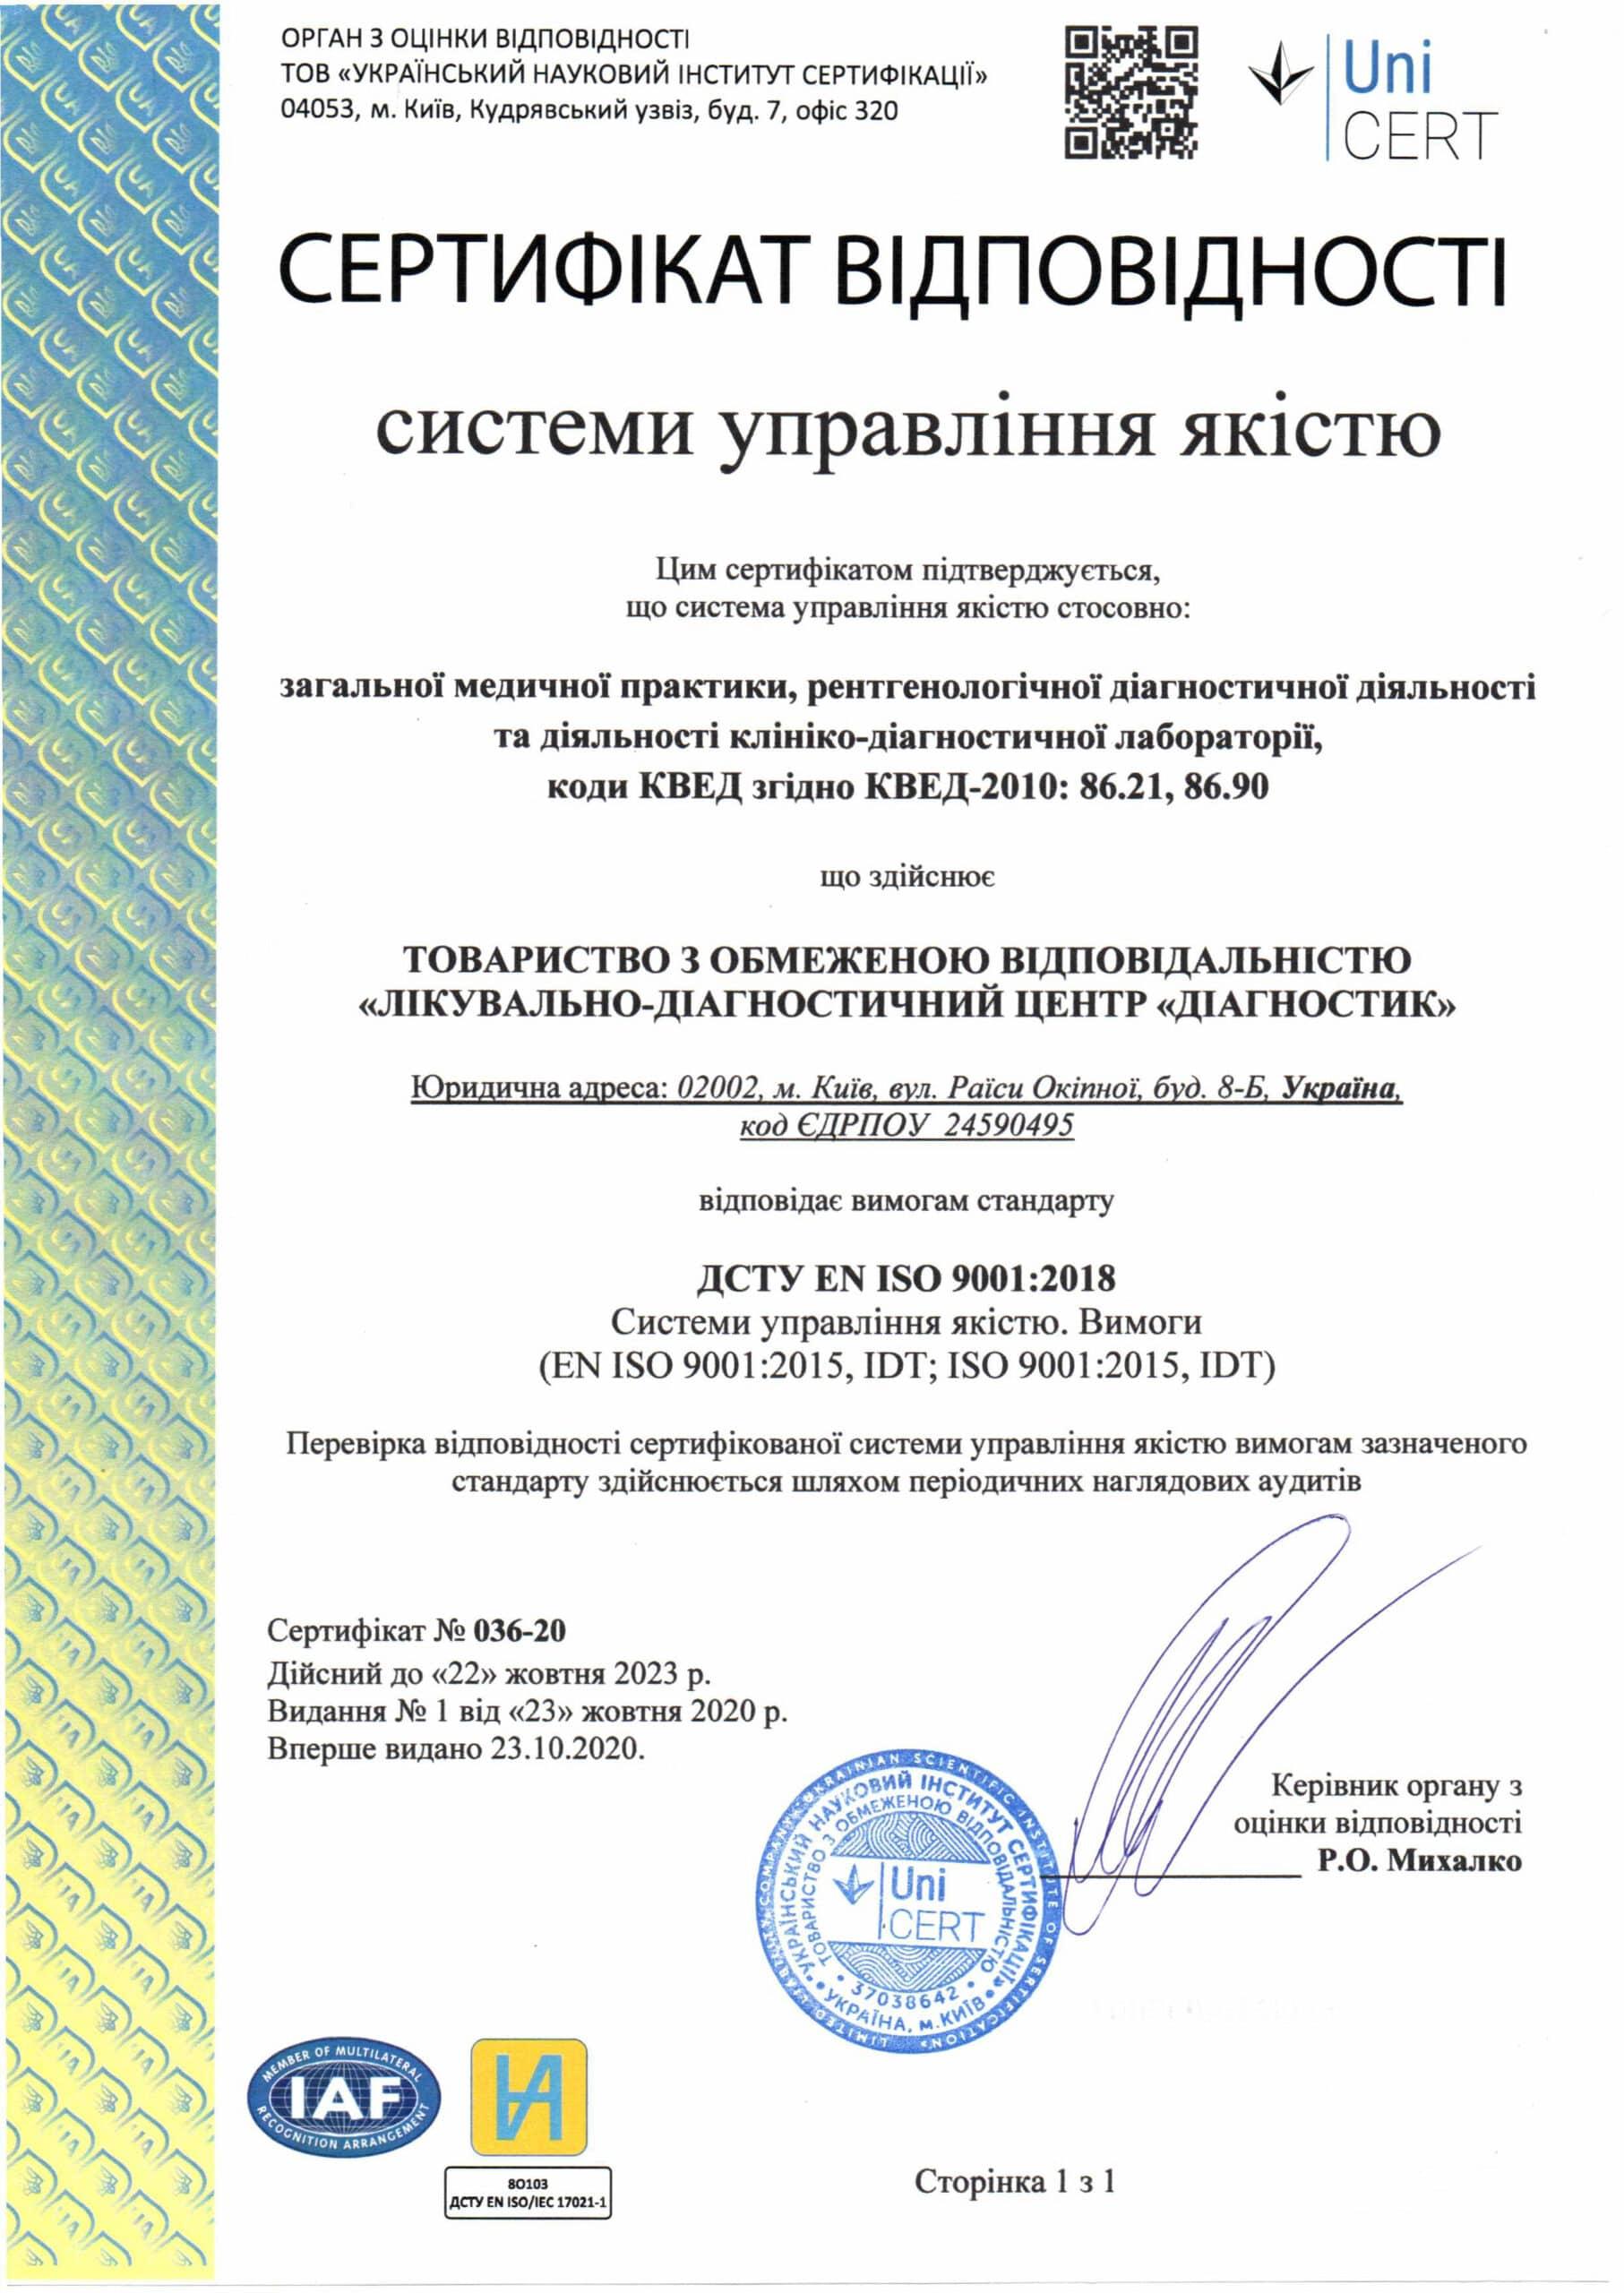 Сертификаты лабораторной диагностики ADONIS, Киев